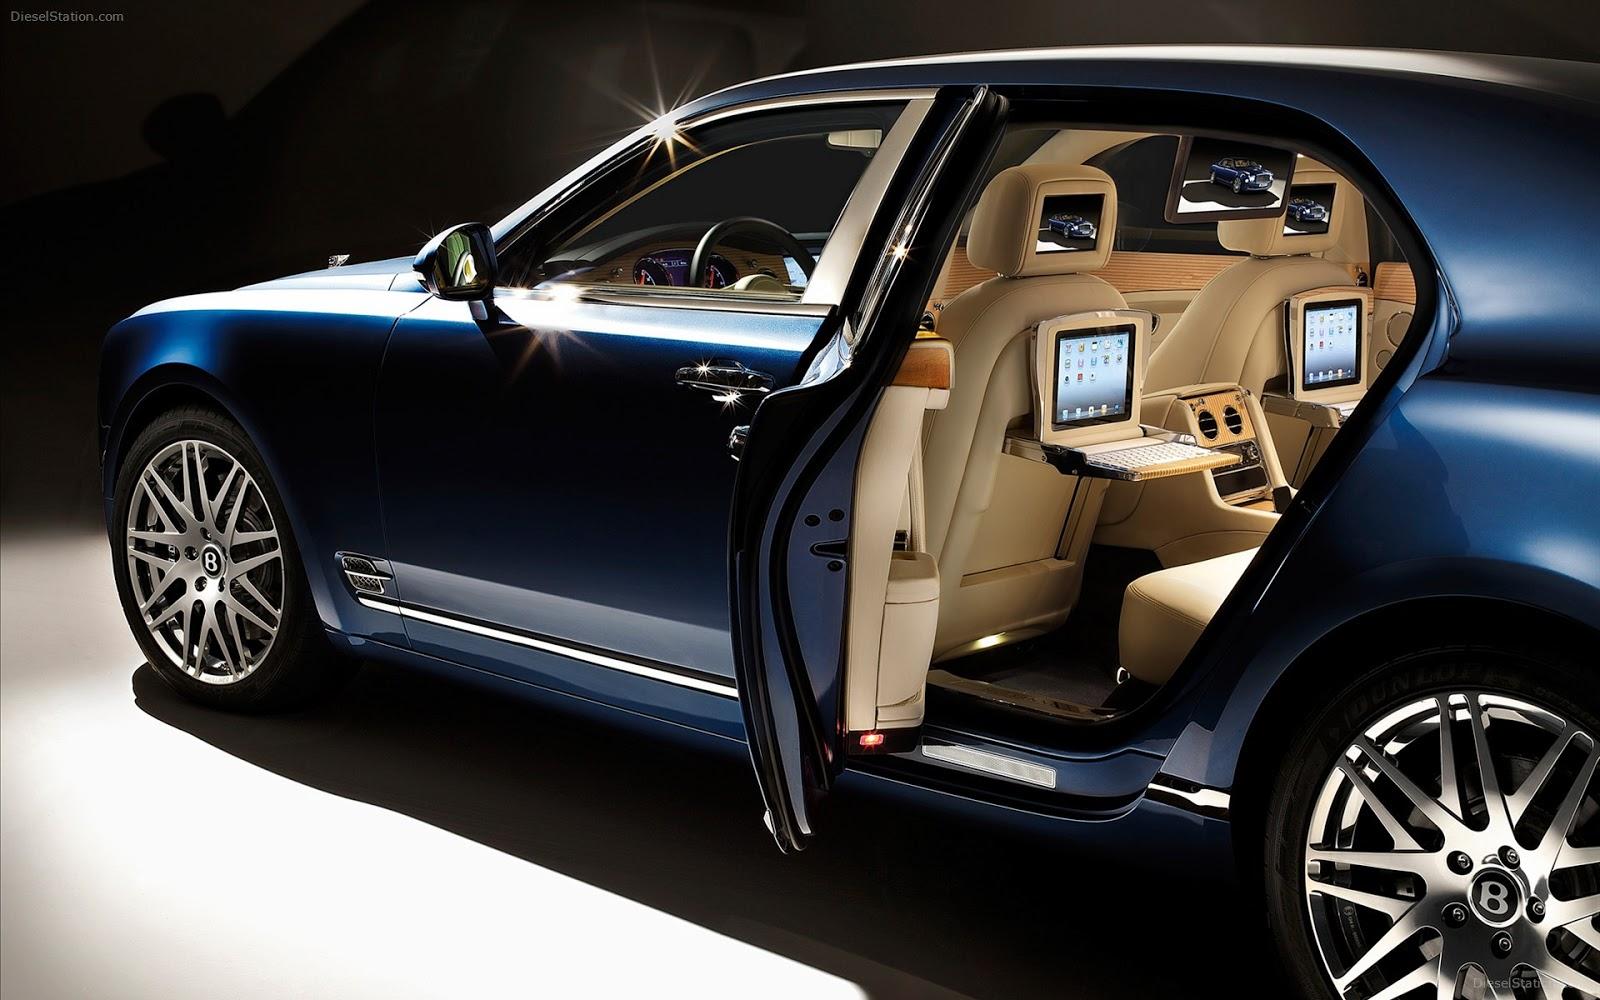 2014 Bentley Truck Bentley-mulsanne-executive- ...